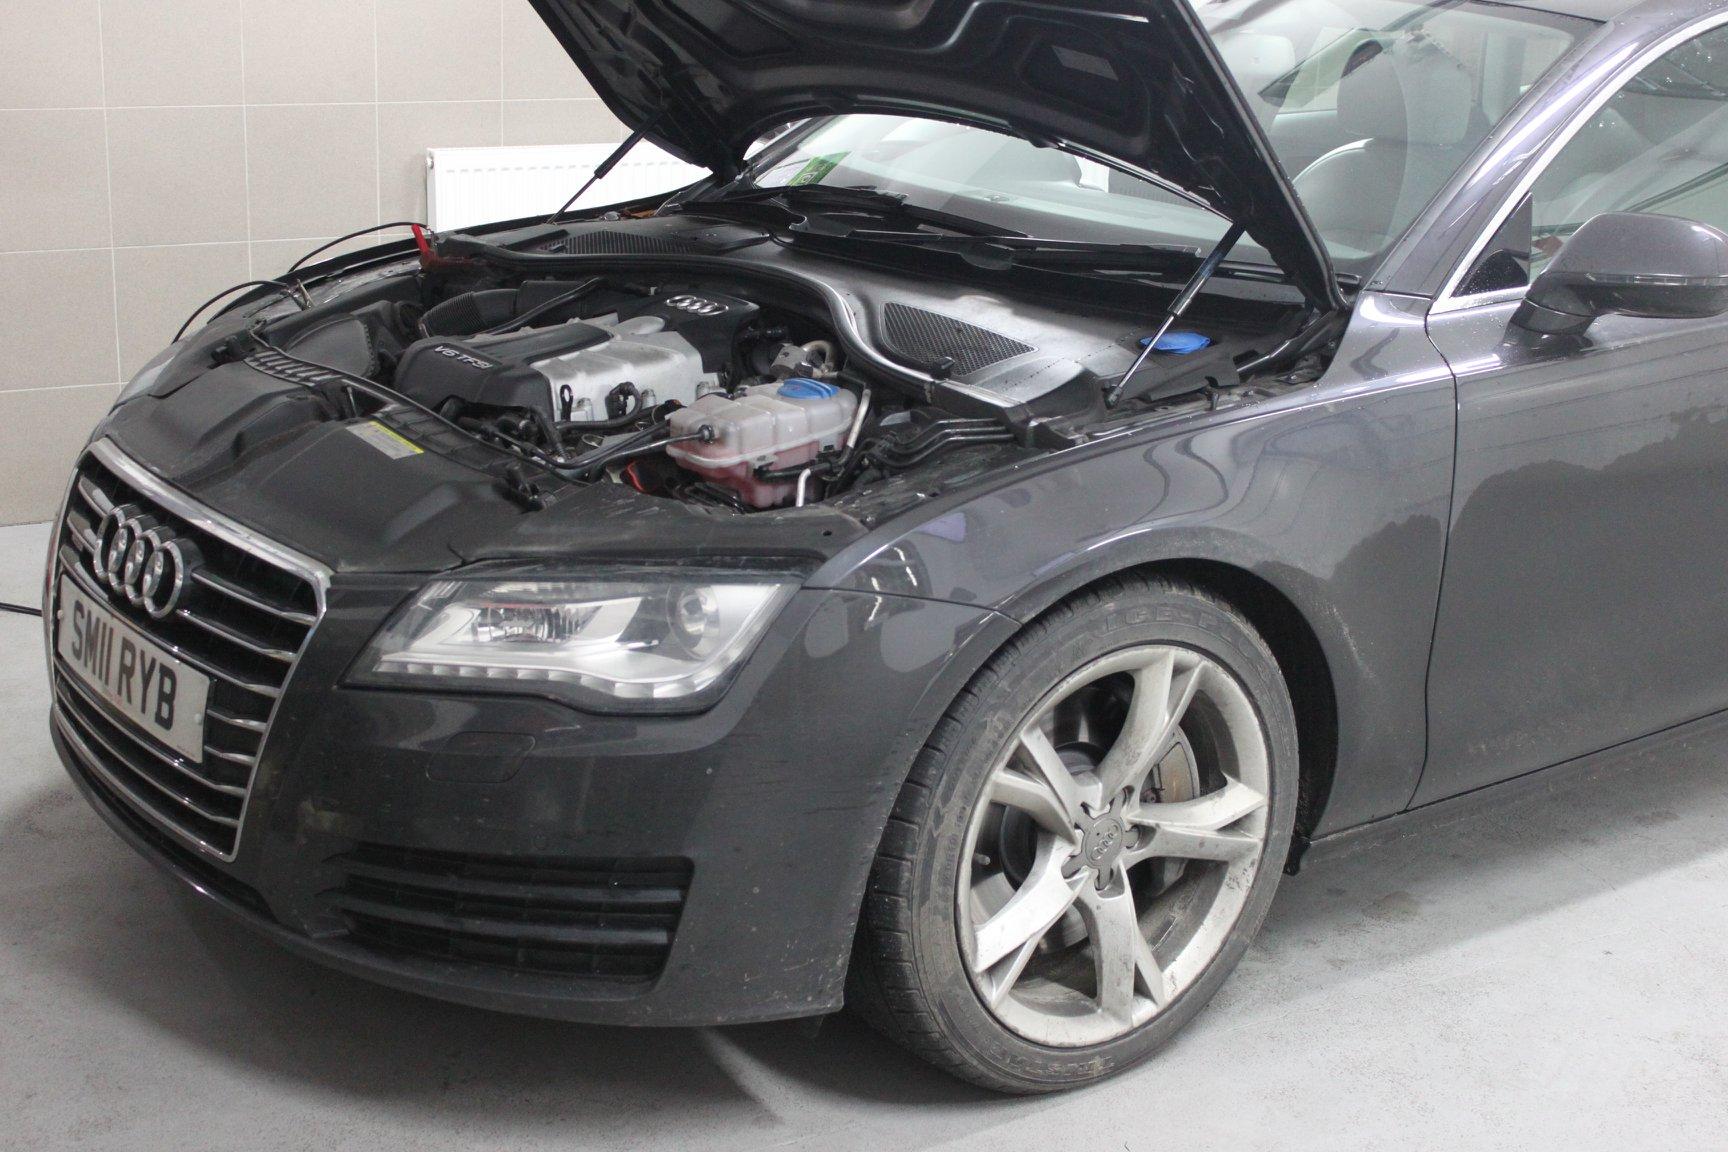 AUDI A7 2011 3.0 TFSI V6 QUATTRO